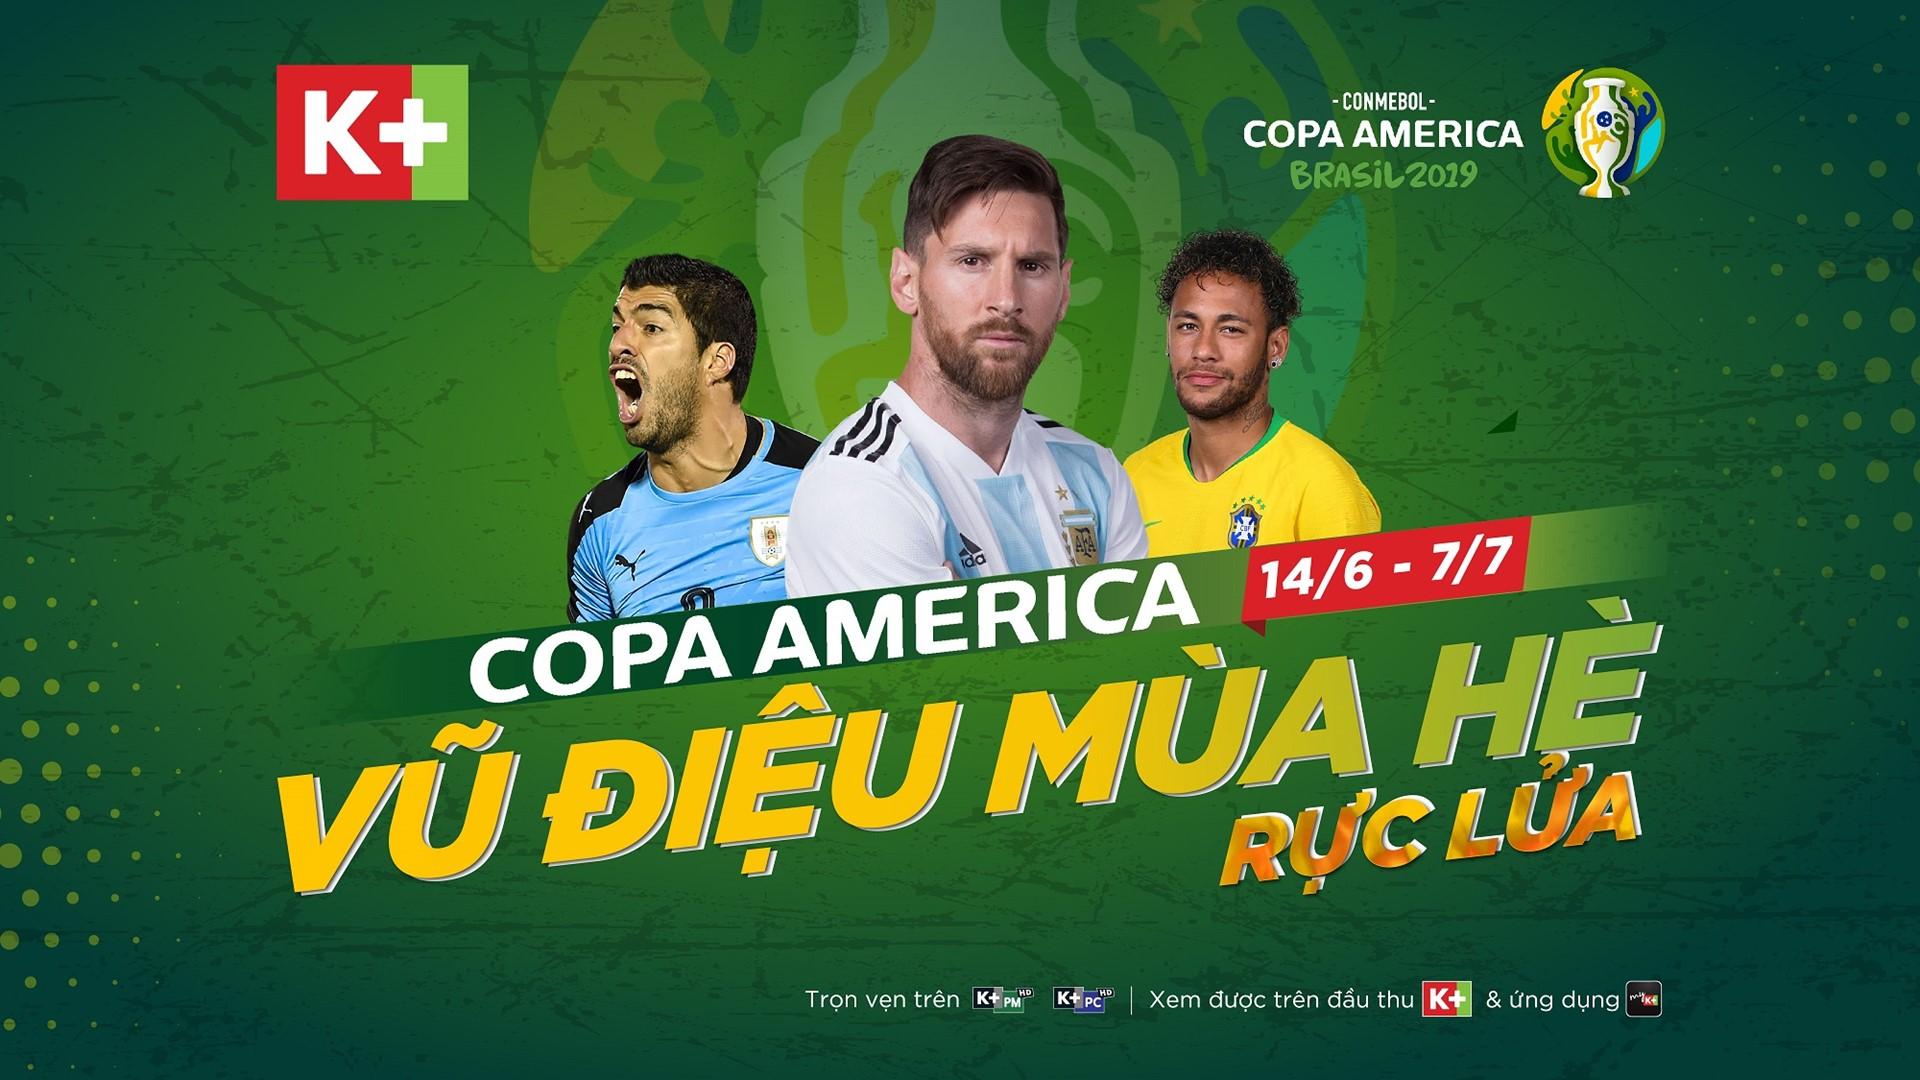 Lịch phát sóng các sự kiện thể thao tuần 26/2019 ( 22/6/2019 - 28/6/2019) trên các kênh k+